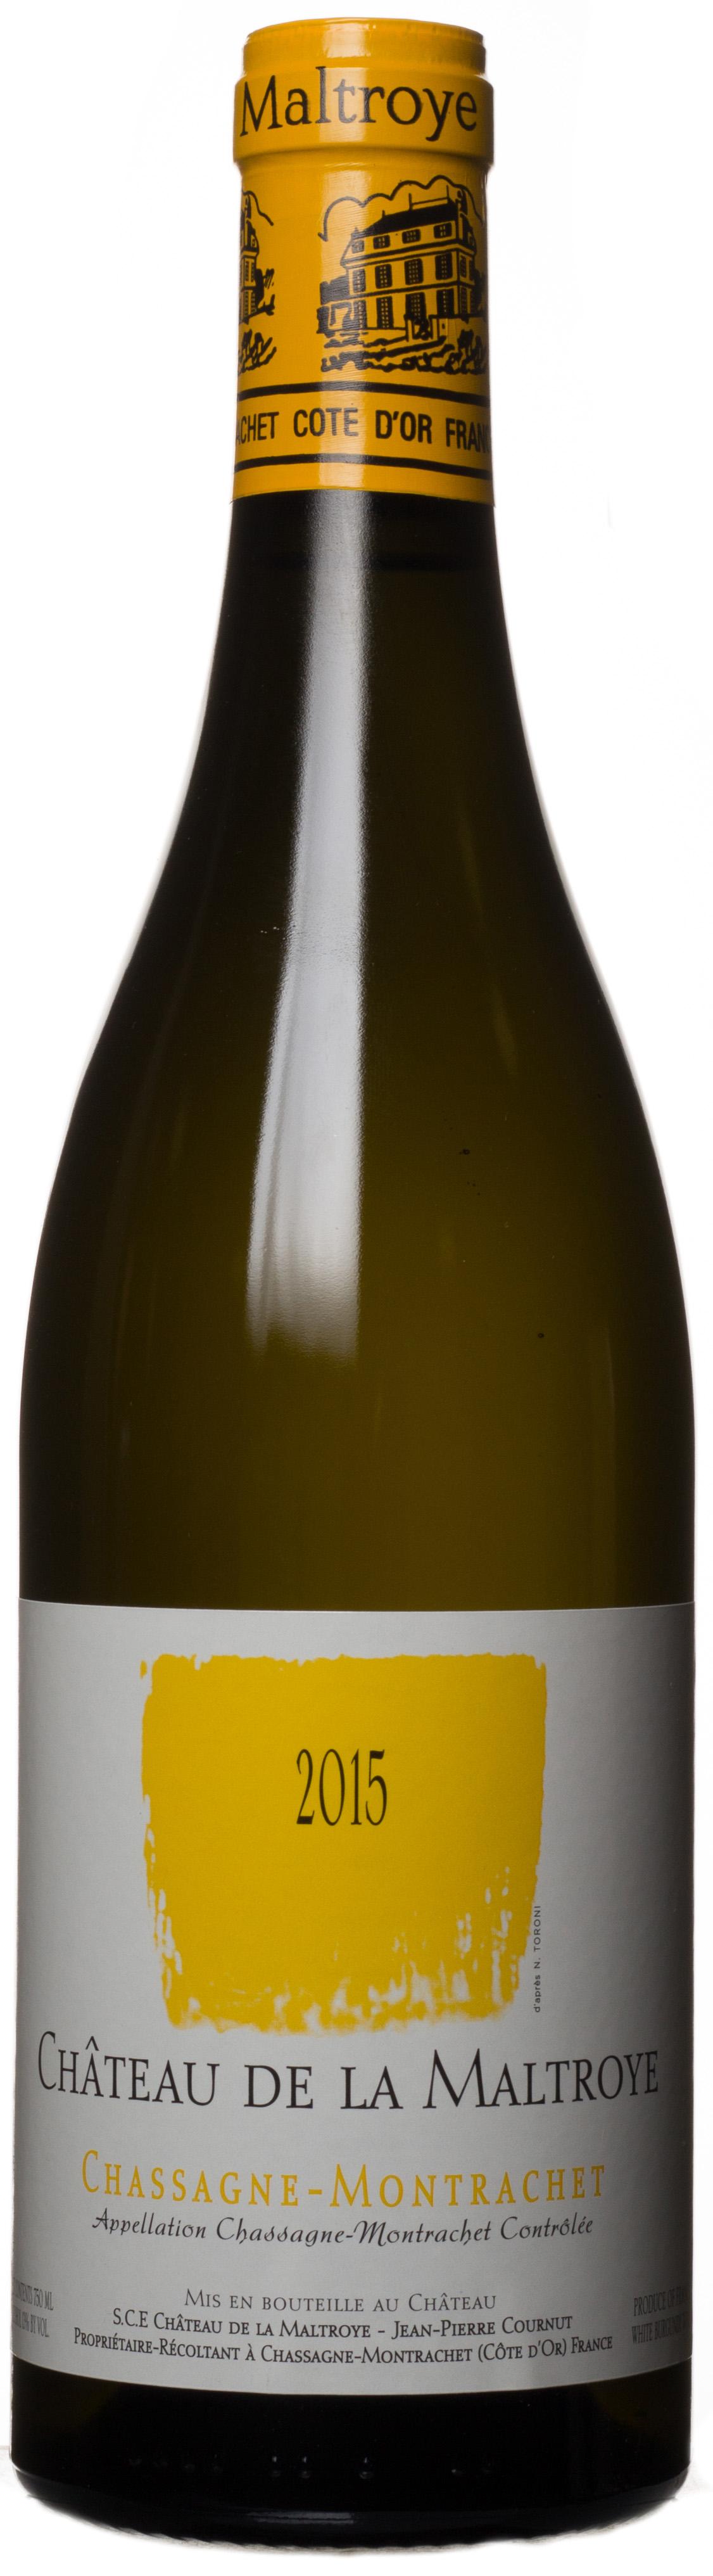 2015 Chateau de la Maltroye Chassagne-Montrachet Bottle